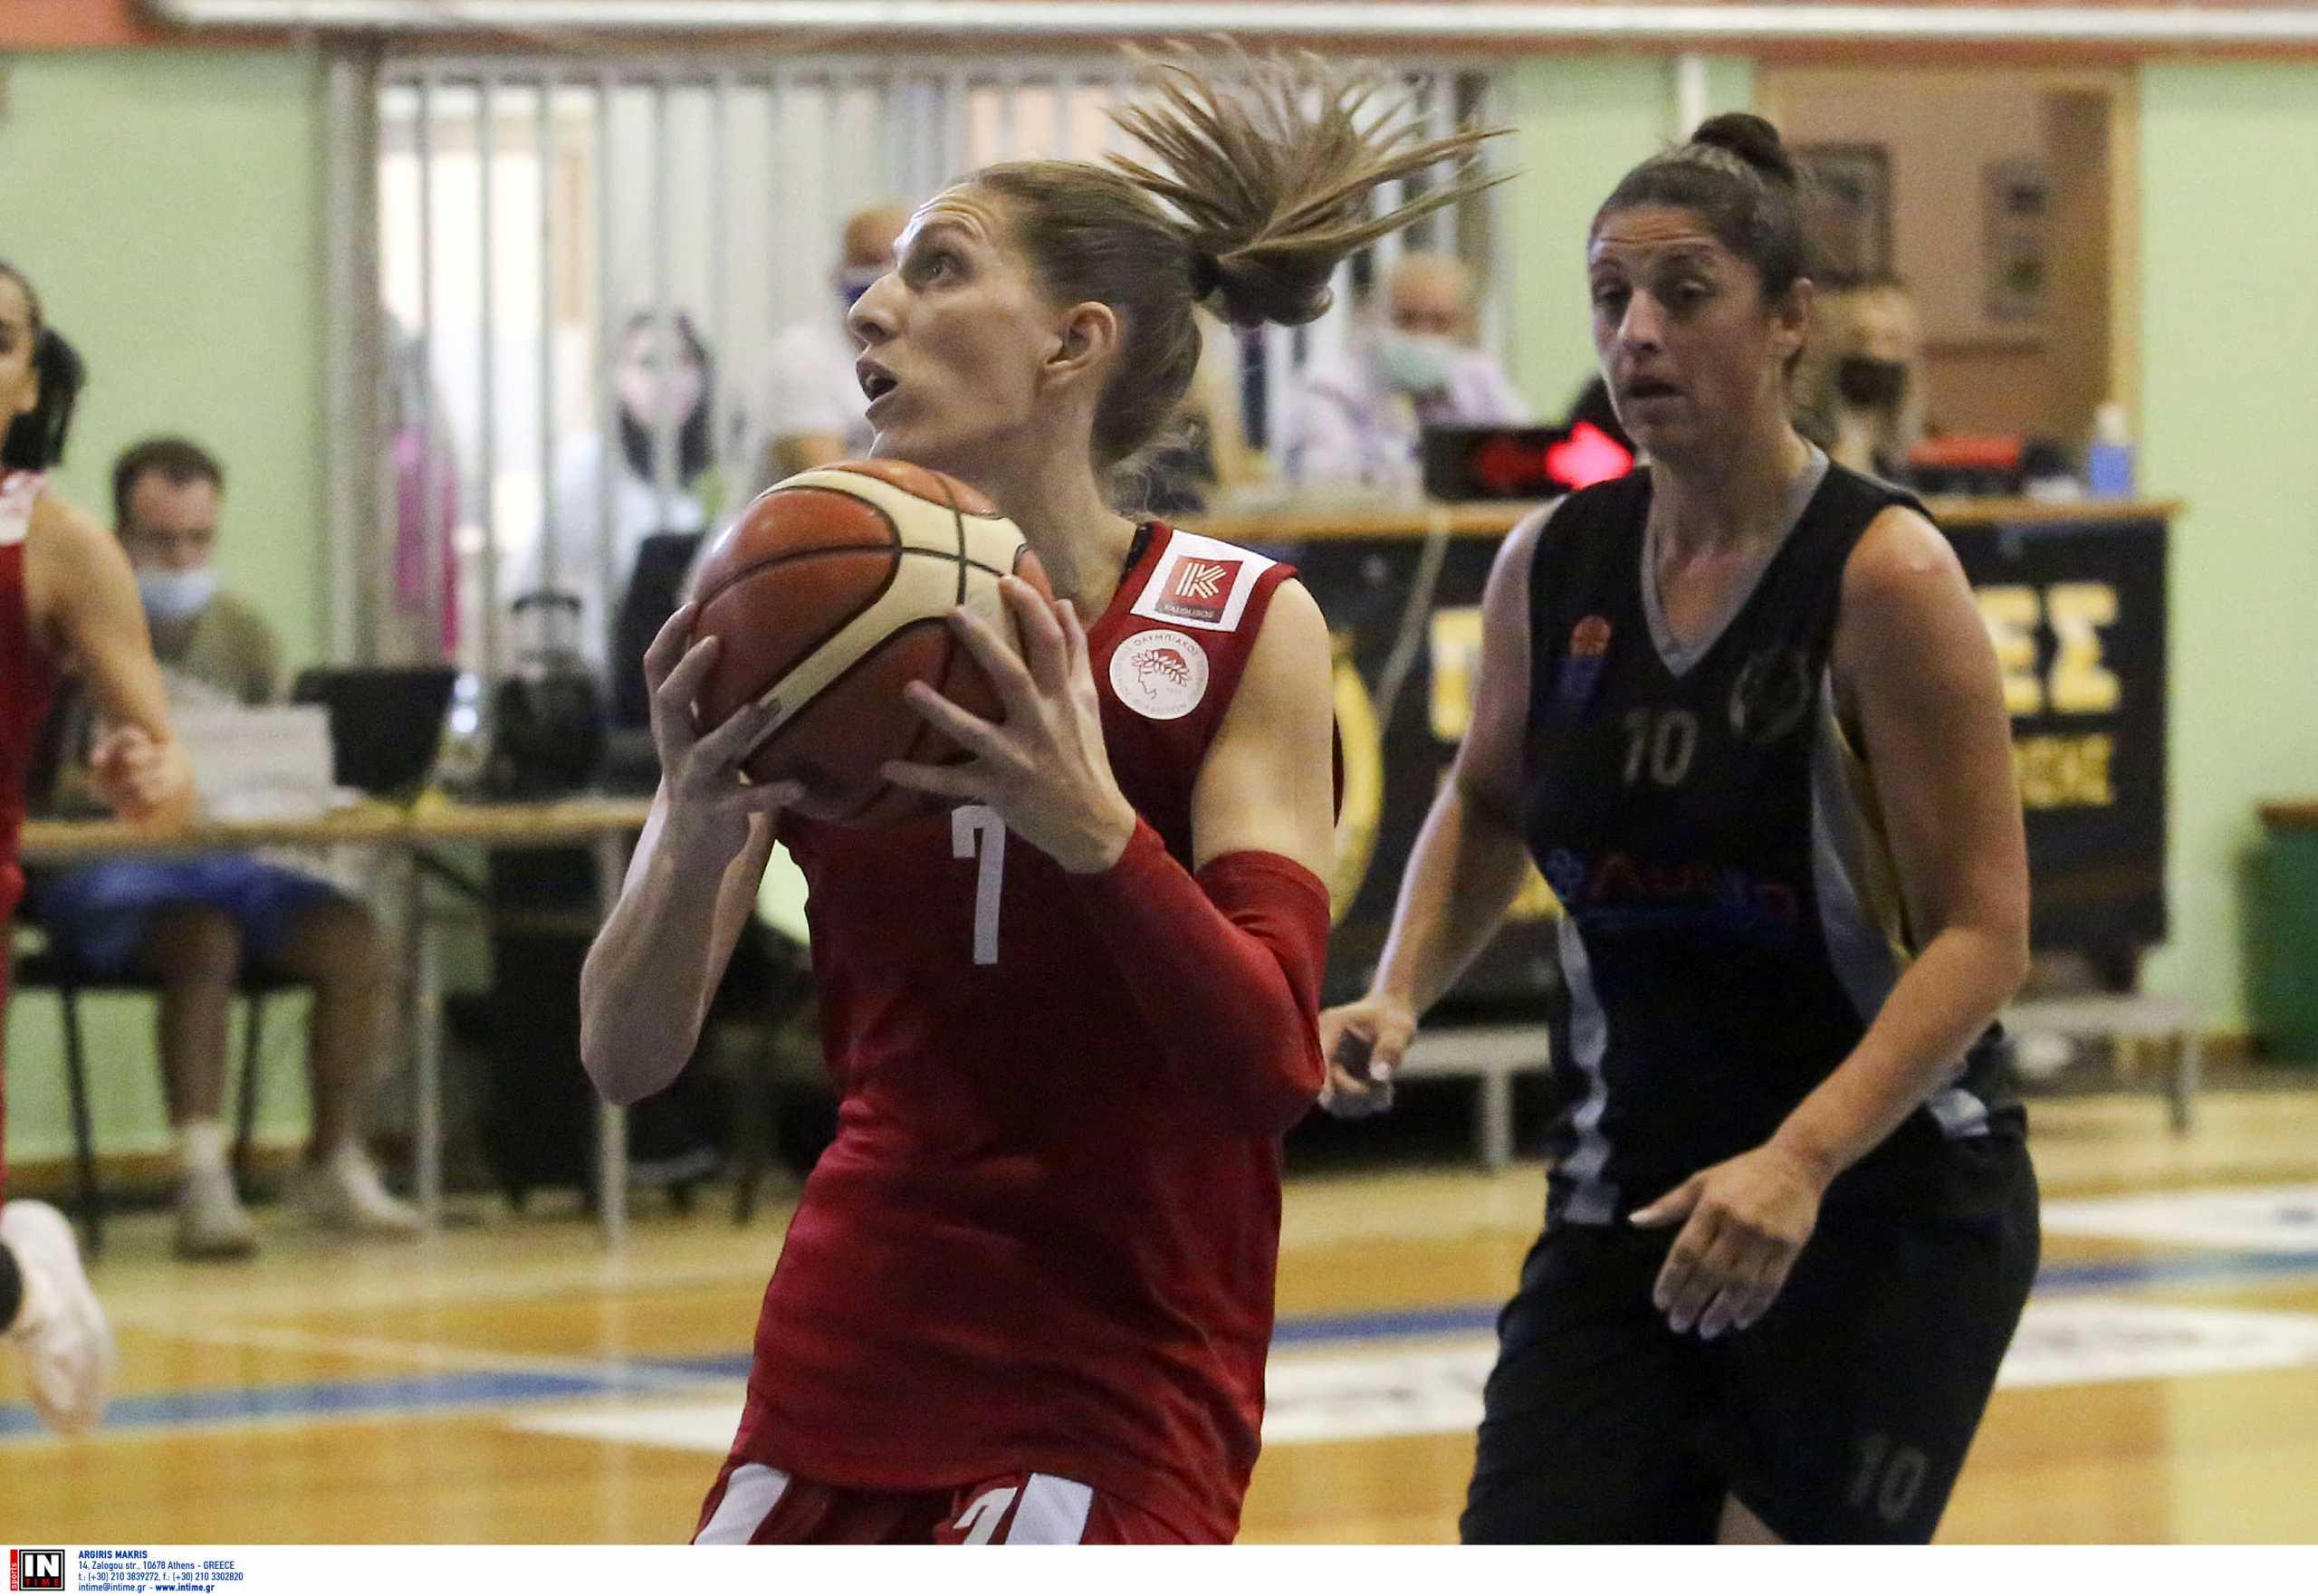 Ολυμπιακός: Ρήξη χιαστού η Σπυριδοπούλου